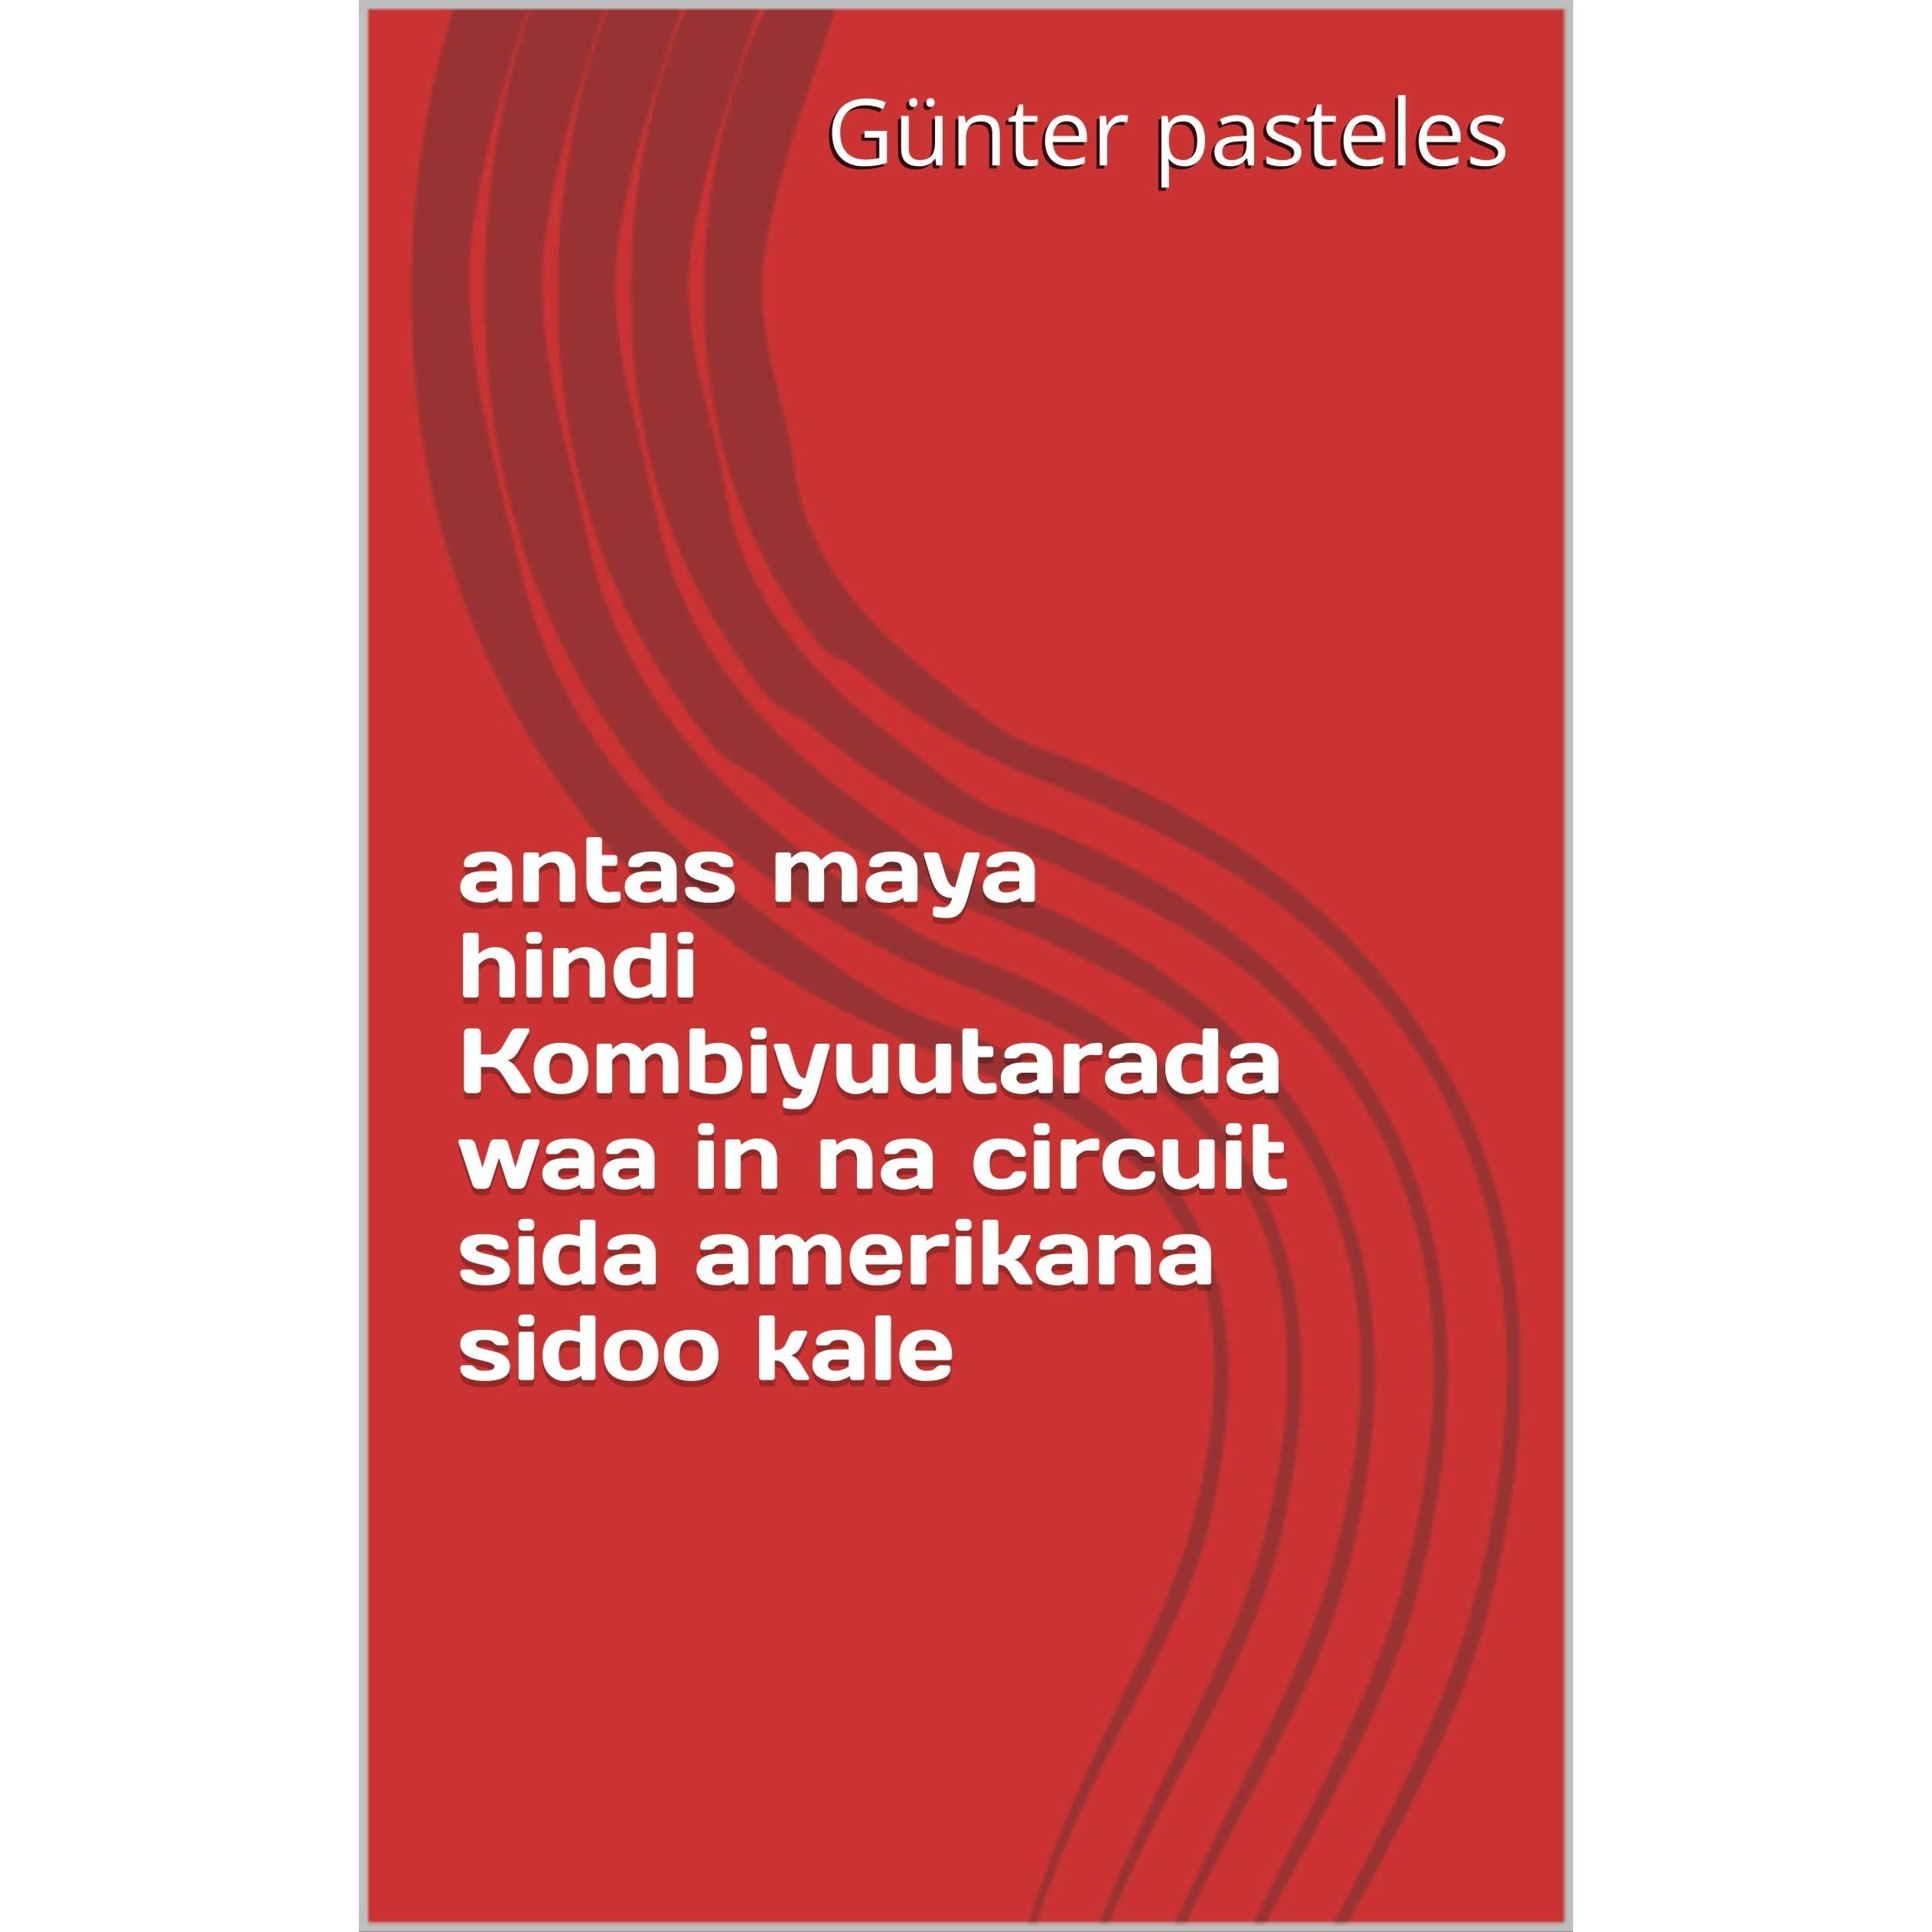 Antas Maya Hindi Kombiyuutarada Waa In Na Circuit Sida Amerikana Sidoo Kale By Gunter Pasteles